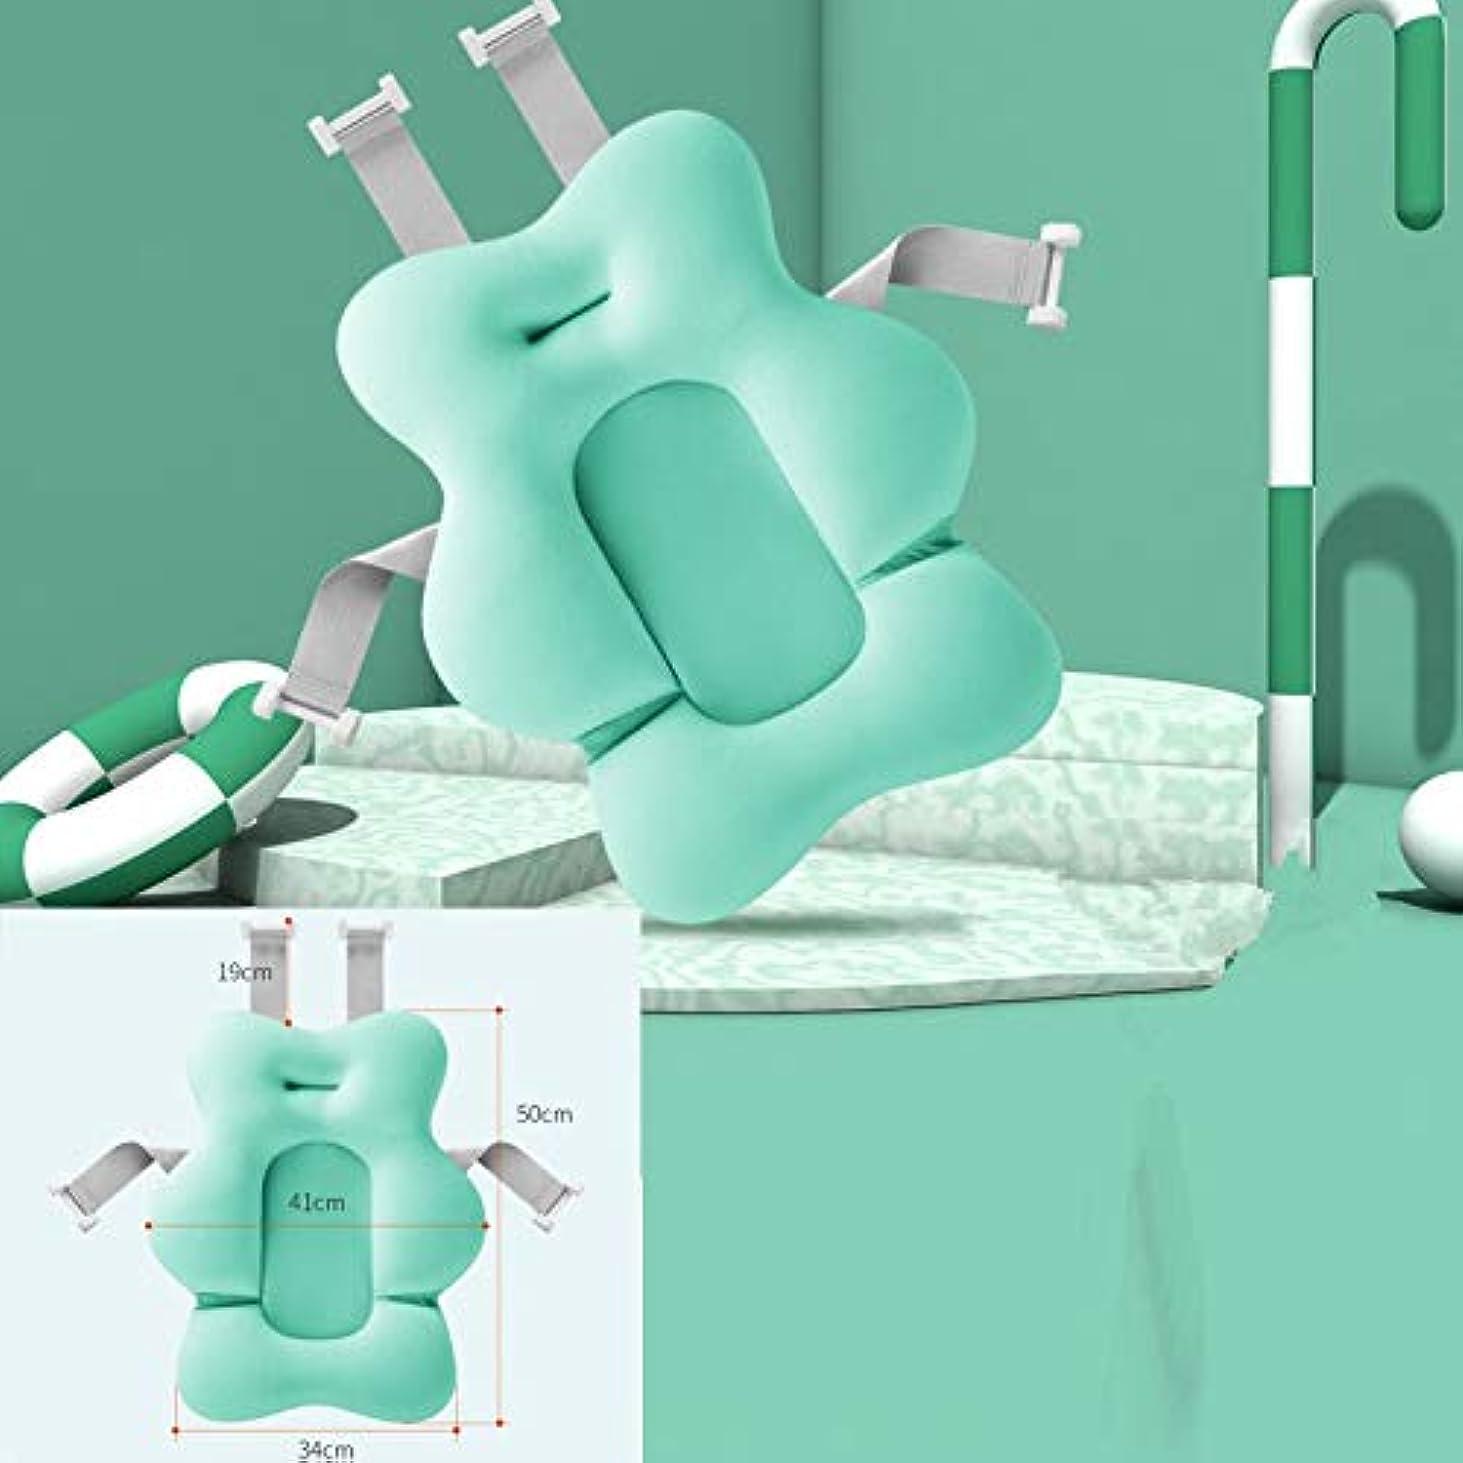 効率プレフィックス道路SMART 漫画ポータブル赤ちゃんノンスリップバスタブシャワー浴槽マット新生児安全セキュリティバスエアクッション折りたたみソフト枕シート クッション 椅子